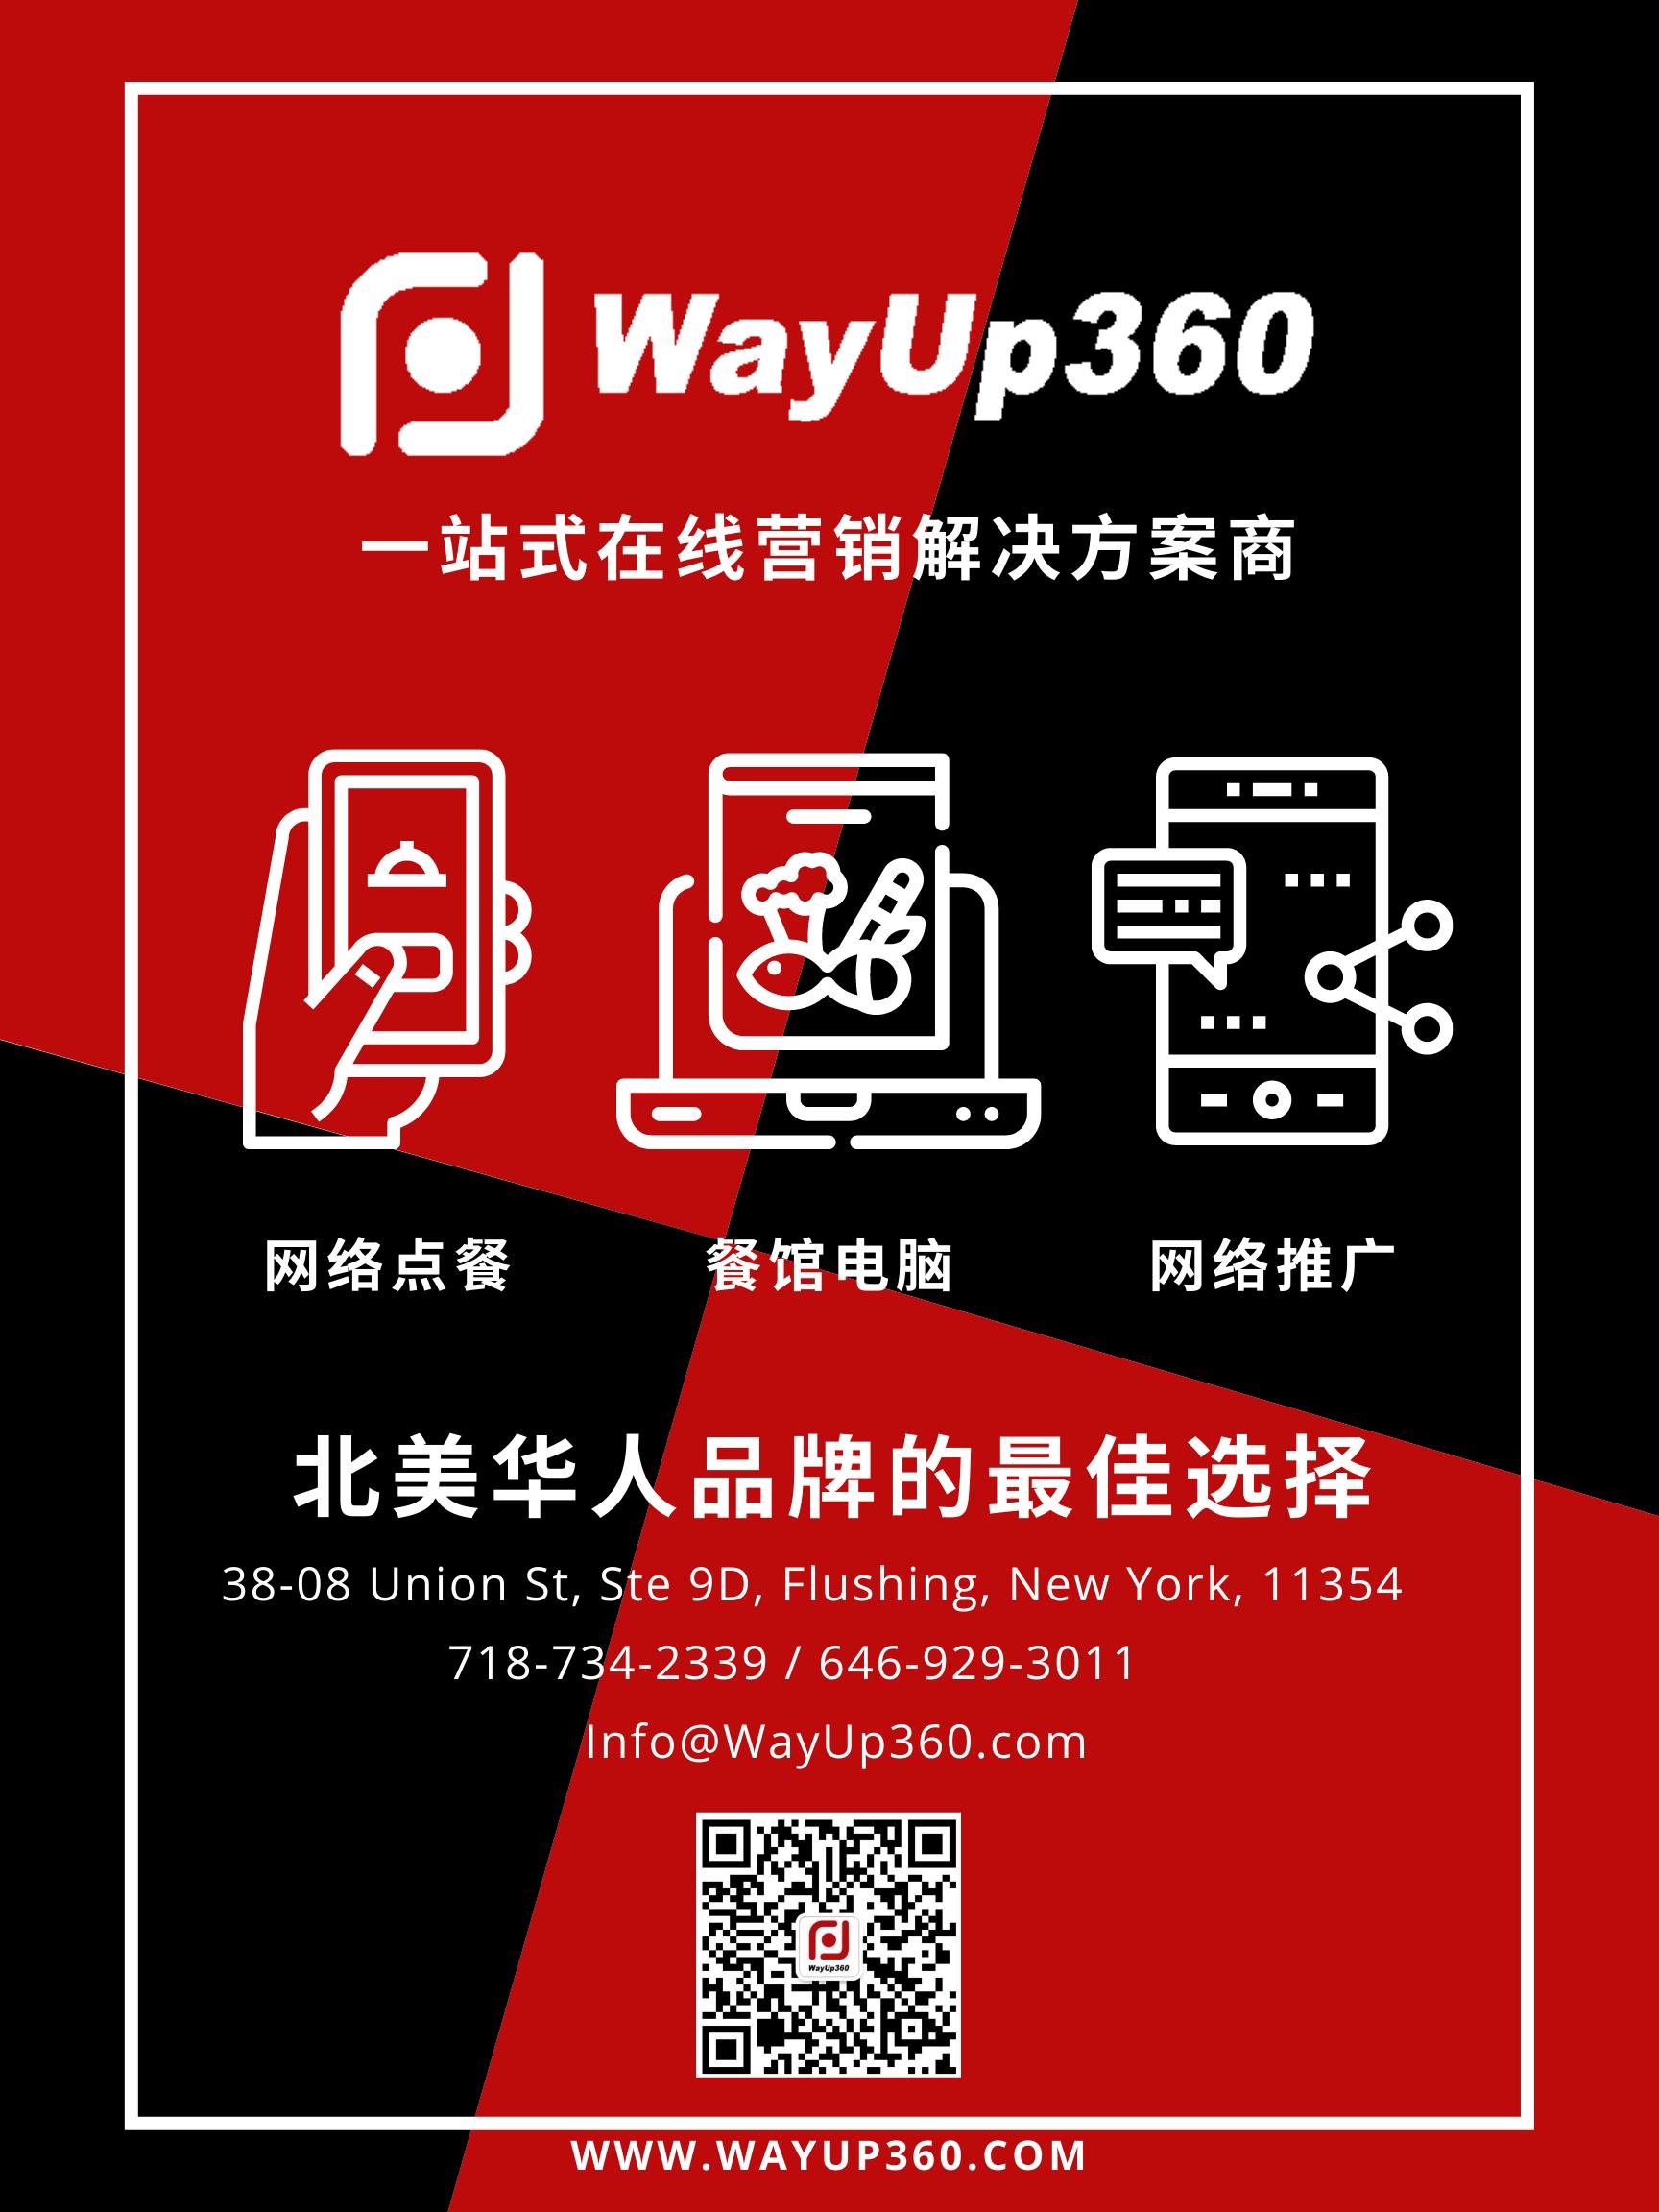 WayUp360 社交媒体推广 餐馆电脑 网络点餐 网站设计 网红营销 – 一体式方案商